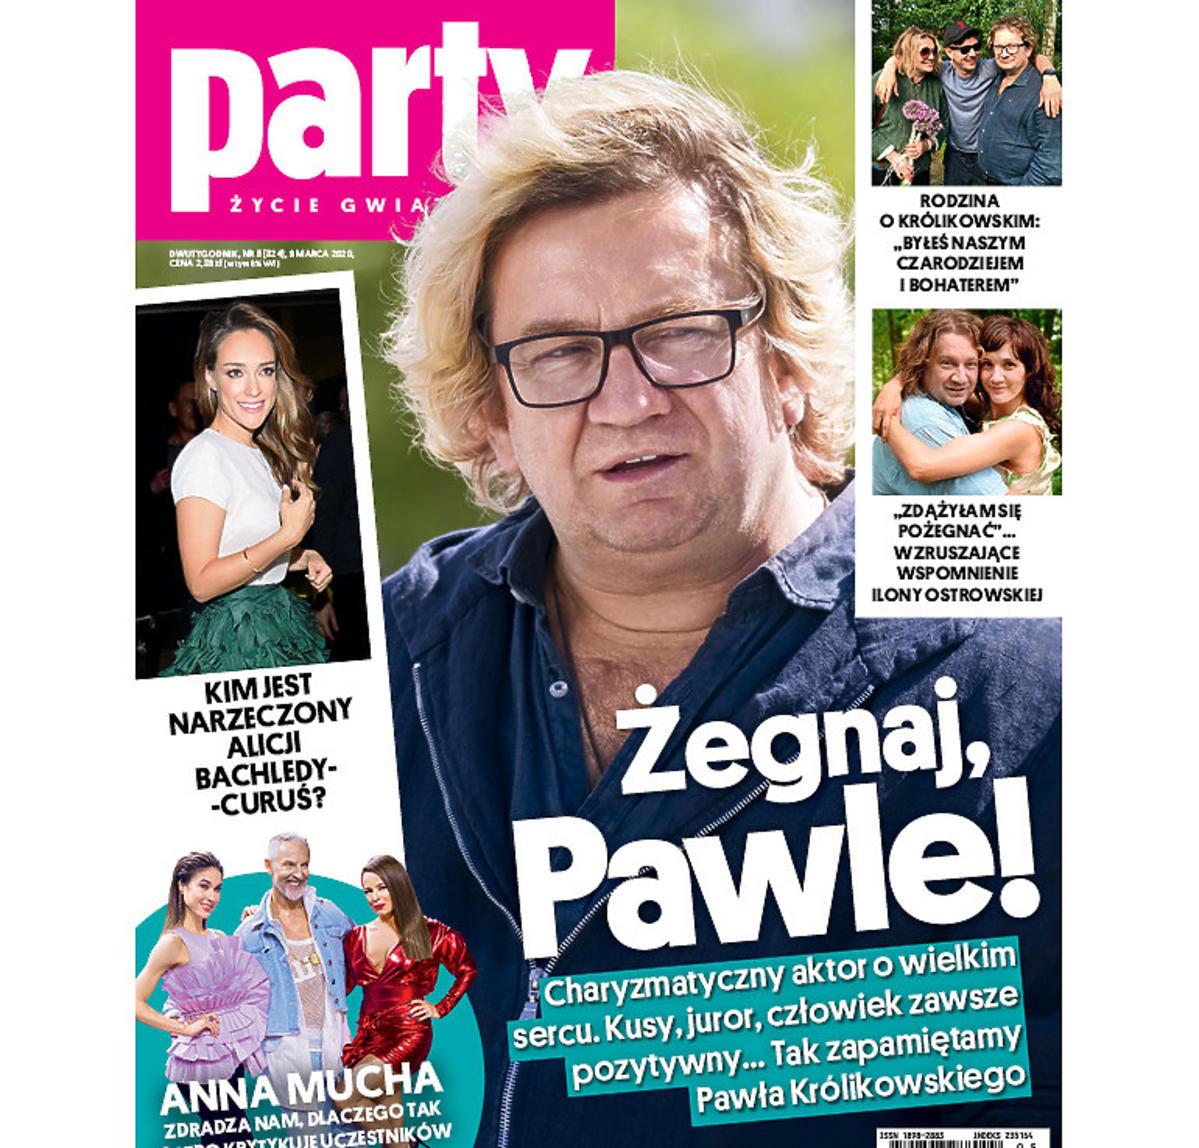 Paweł Królikowski na okładce Party - do środka